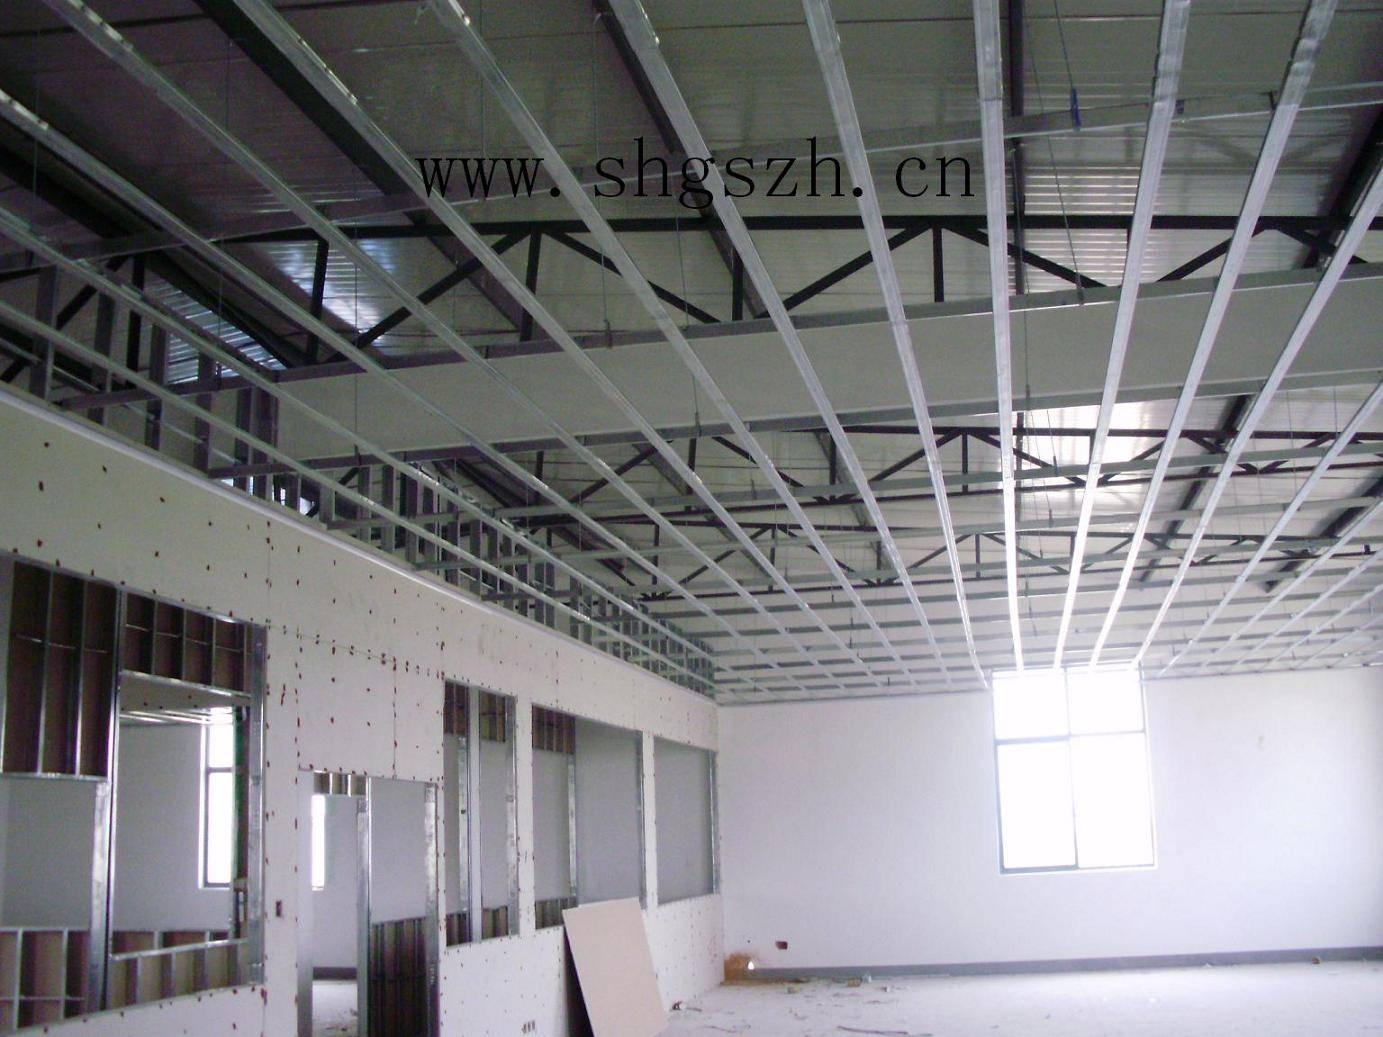 环氧油漆_厂房吊顶 办公室吊顶 上海轻钢龙骨吊顶隔墙隔断 - 九正建材网